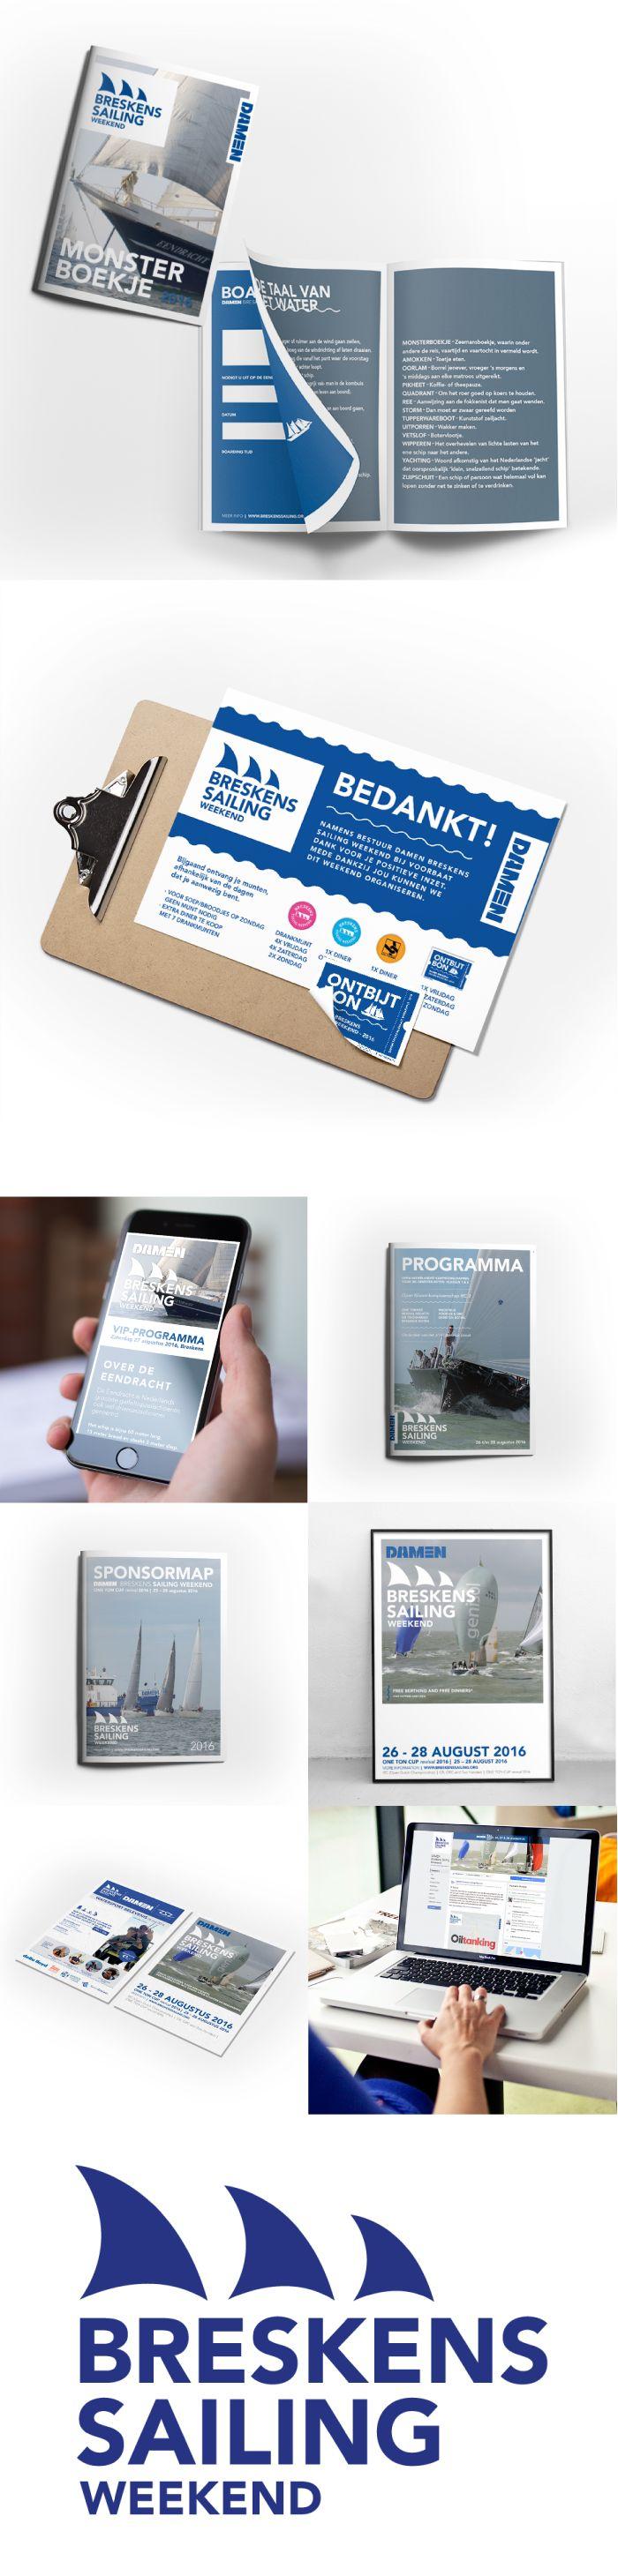 • FINAL DESIGN •   Voor DAMEN Breskens Sailing Weekend verzorgt #ontwerpbureau #Thee & #Typografie verschillende grafische ontwerpen. Waaronder een nieuwe logo, advertenties, uitnodigingen, posters, sponsormap, programmaboek, monsterboekje en fb design/posts.  — #DAMEN #Breskens #sailing #weekend #sail #grafisch #ontwerp #logo #ads #poster #flyer #brochure #folder #programma #monsterboekje #sponsormap #tentypografie #theeentypografie #vlissingen #middelburg #veere #domburg #zeeland